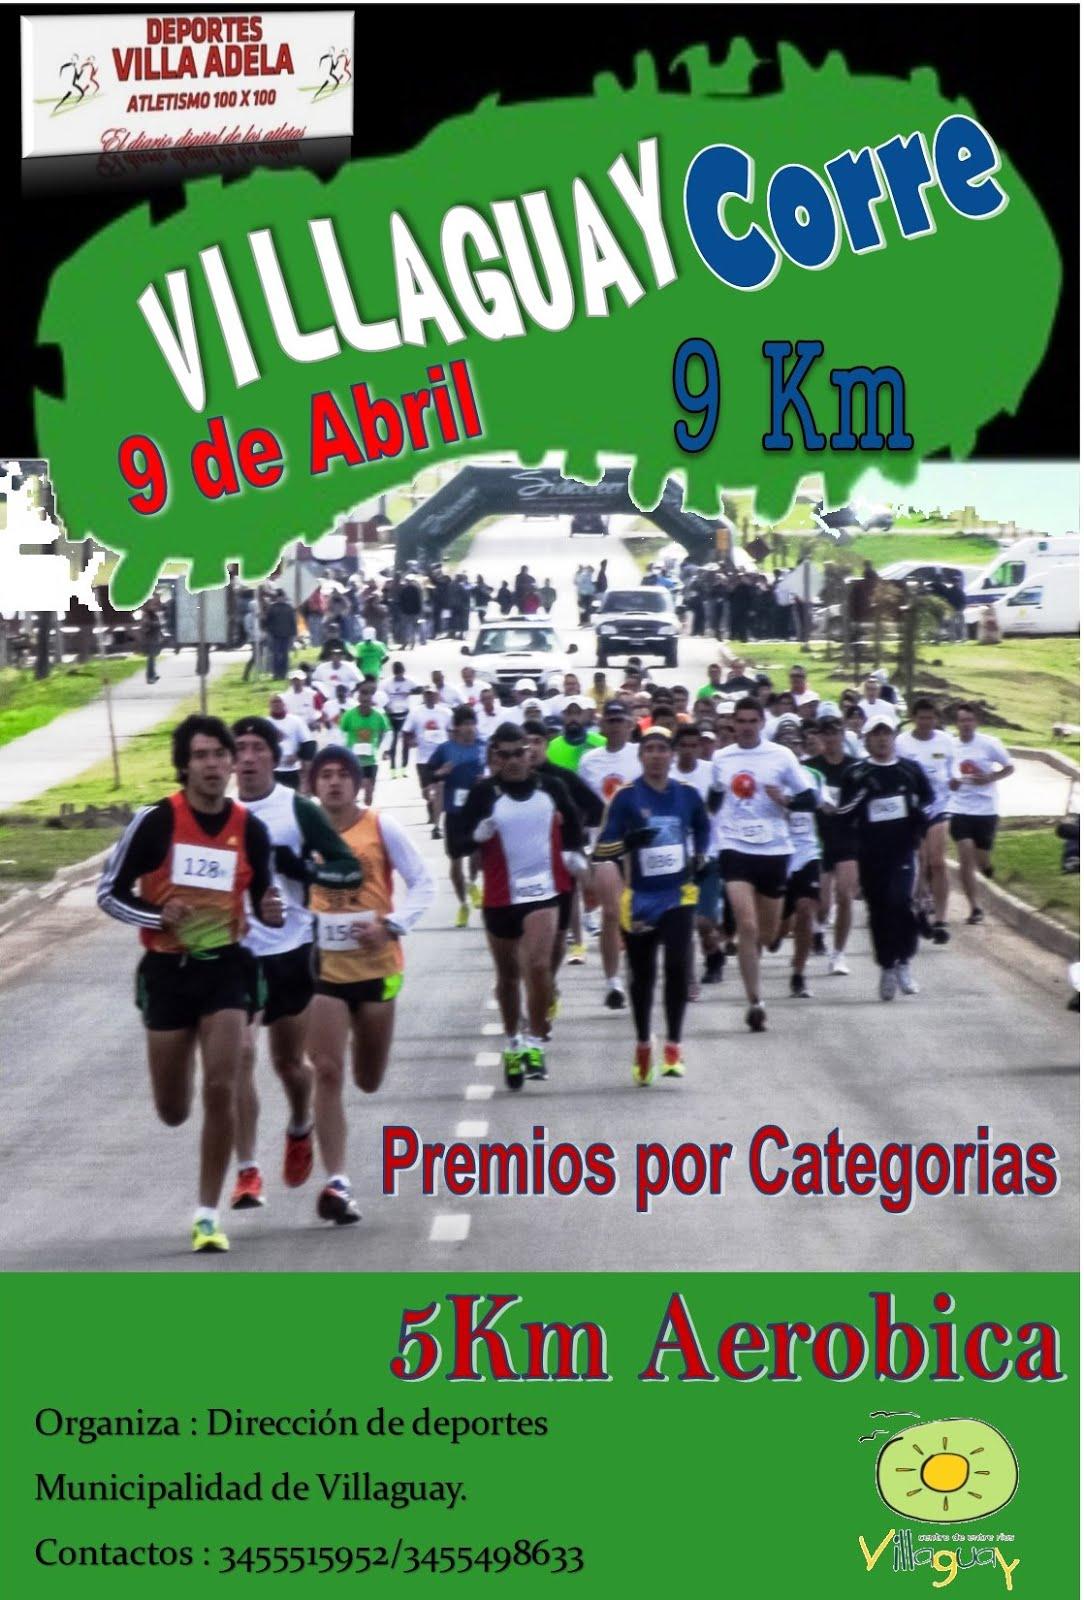 Maraton 9km Villaguay Corre